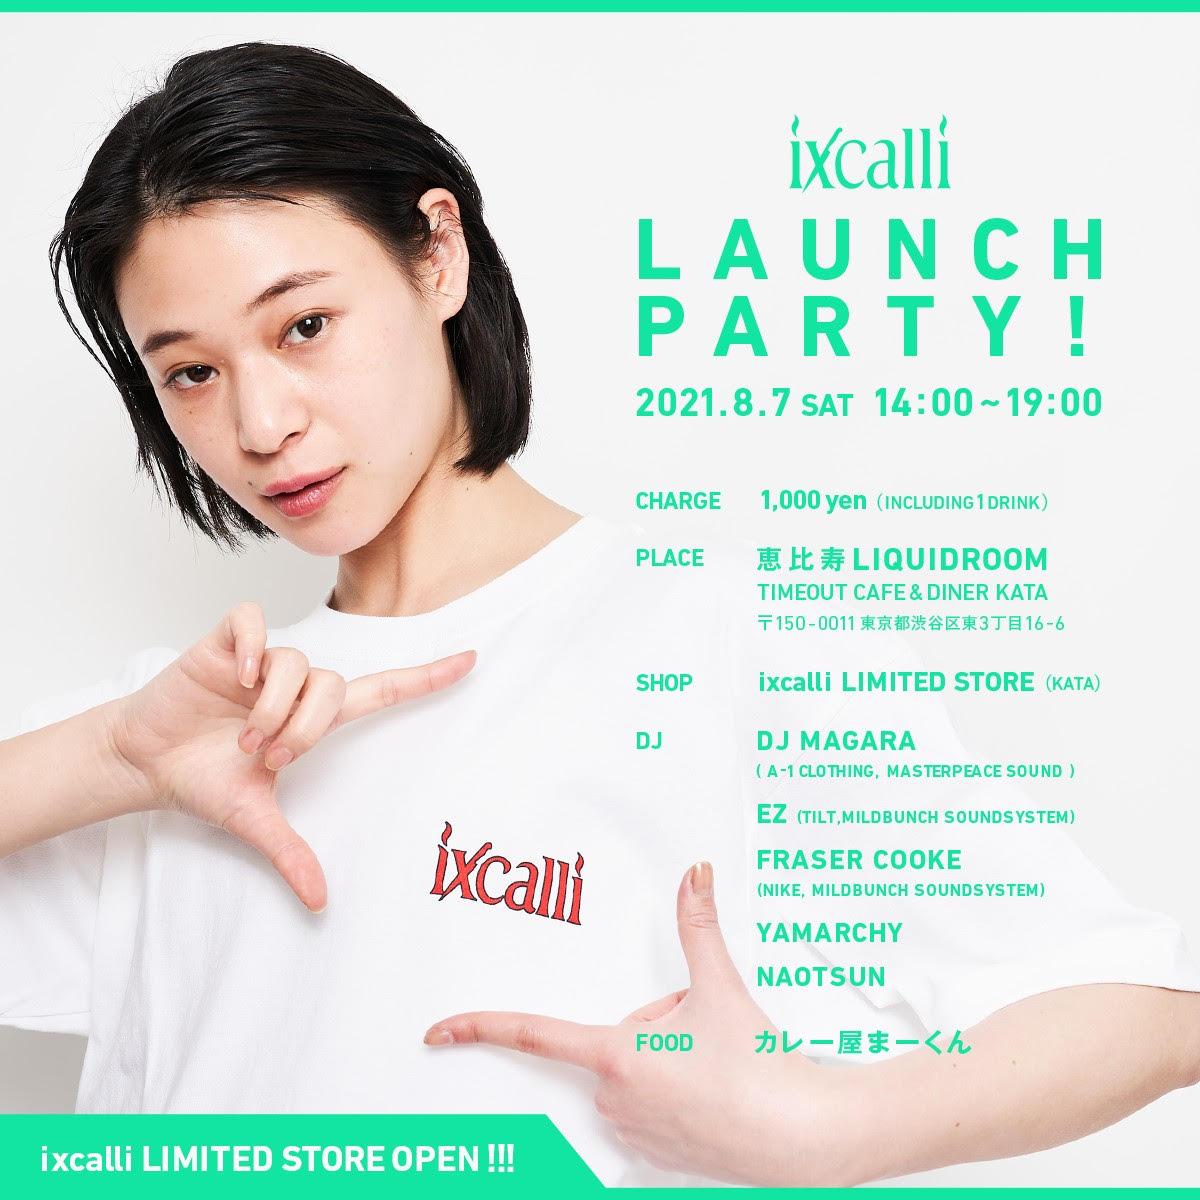 ストリートなイベント【東京】ixcalli LAUNCH PARTY! ブランド&ユーズドショップixcalliのローンチパーティー!